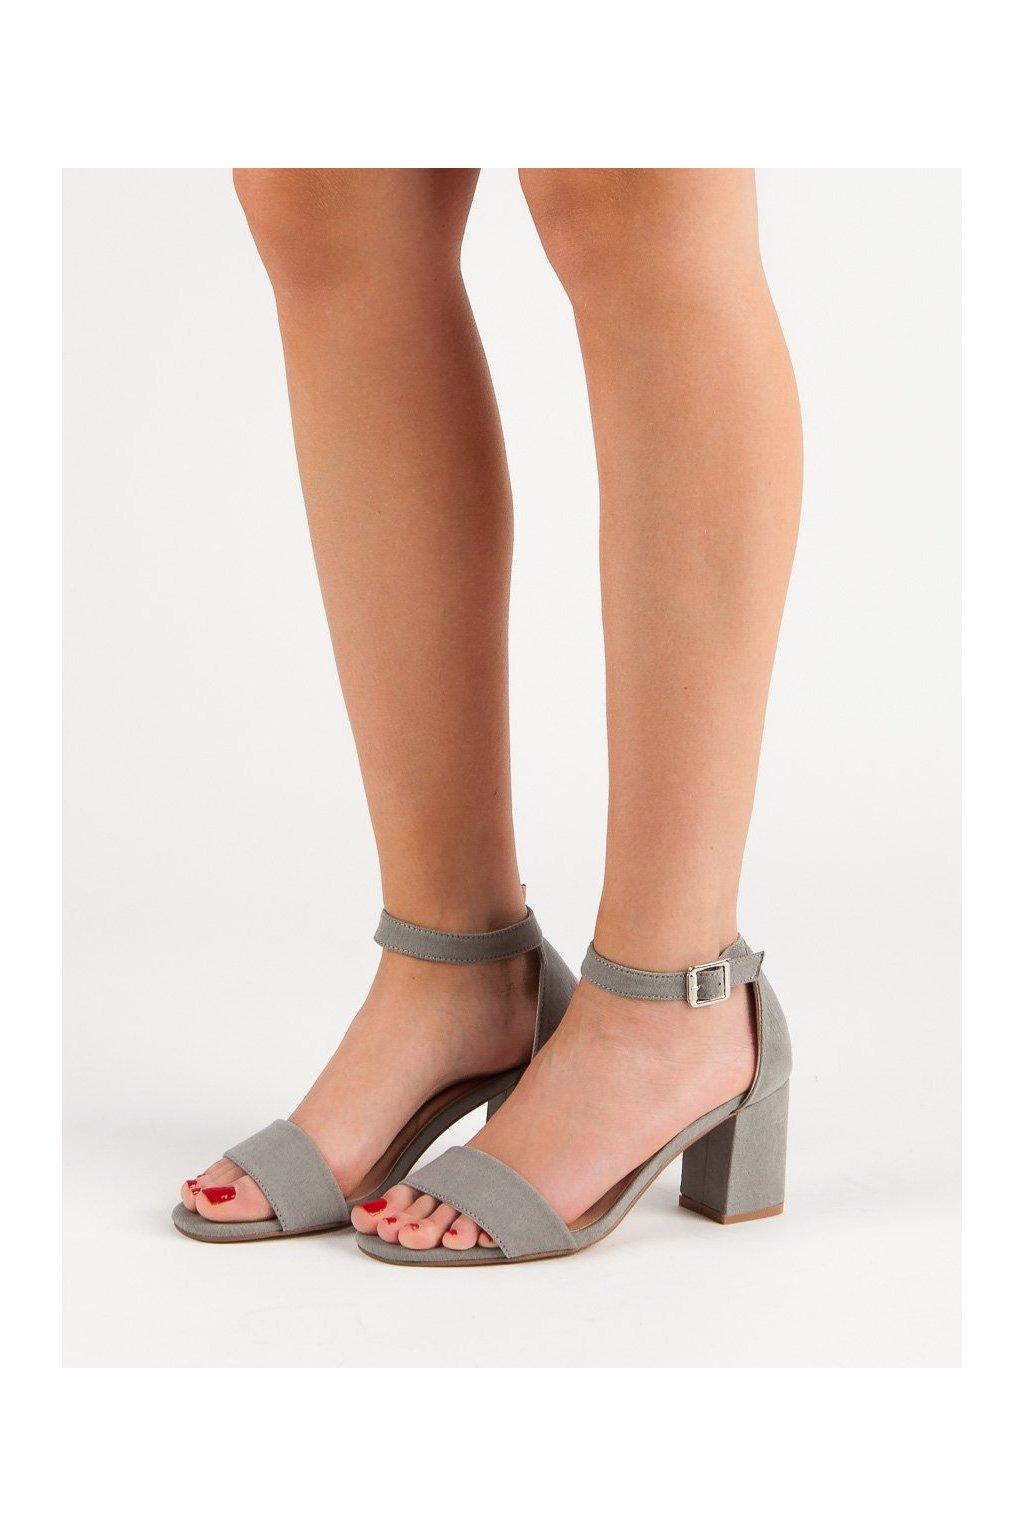 Sivé sandále Vinceza kod YQE19-1752G